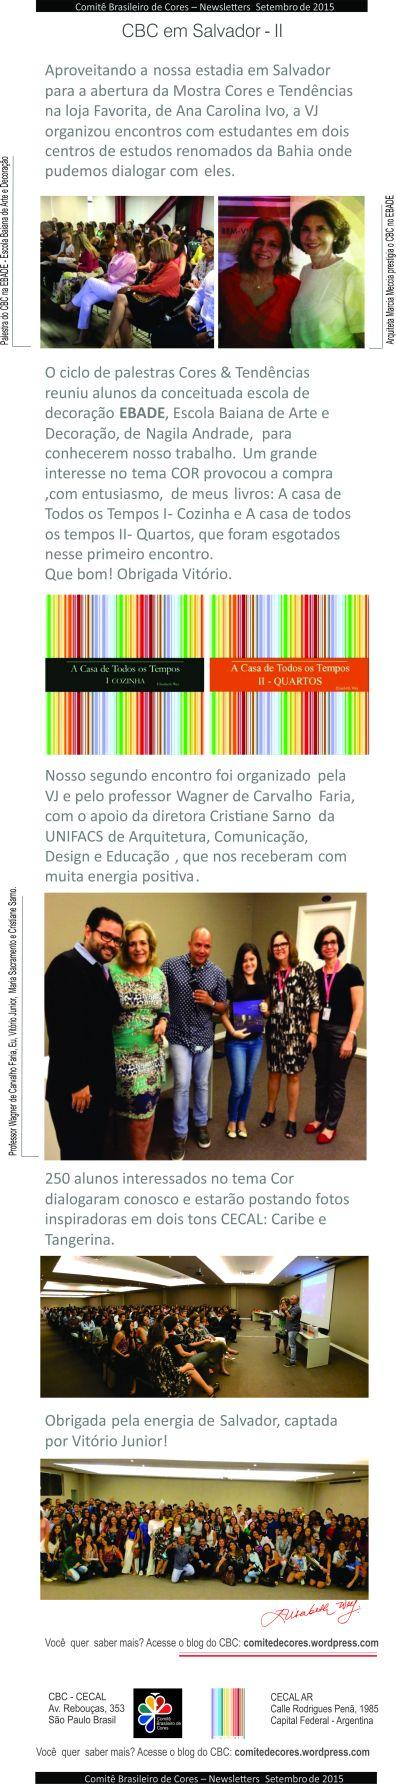 CBC em Salvador II